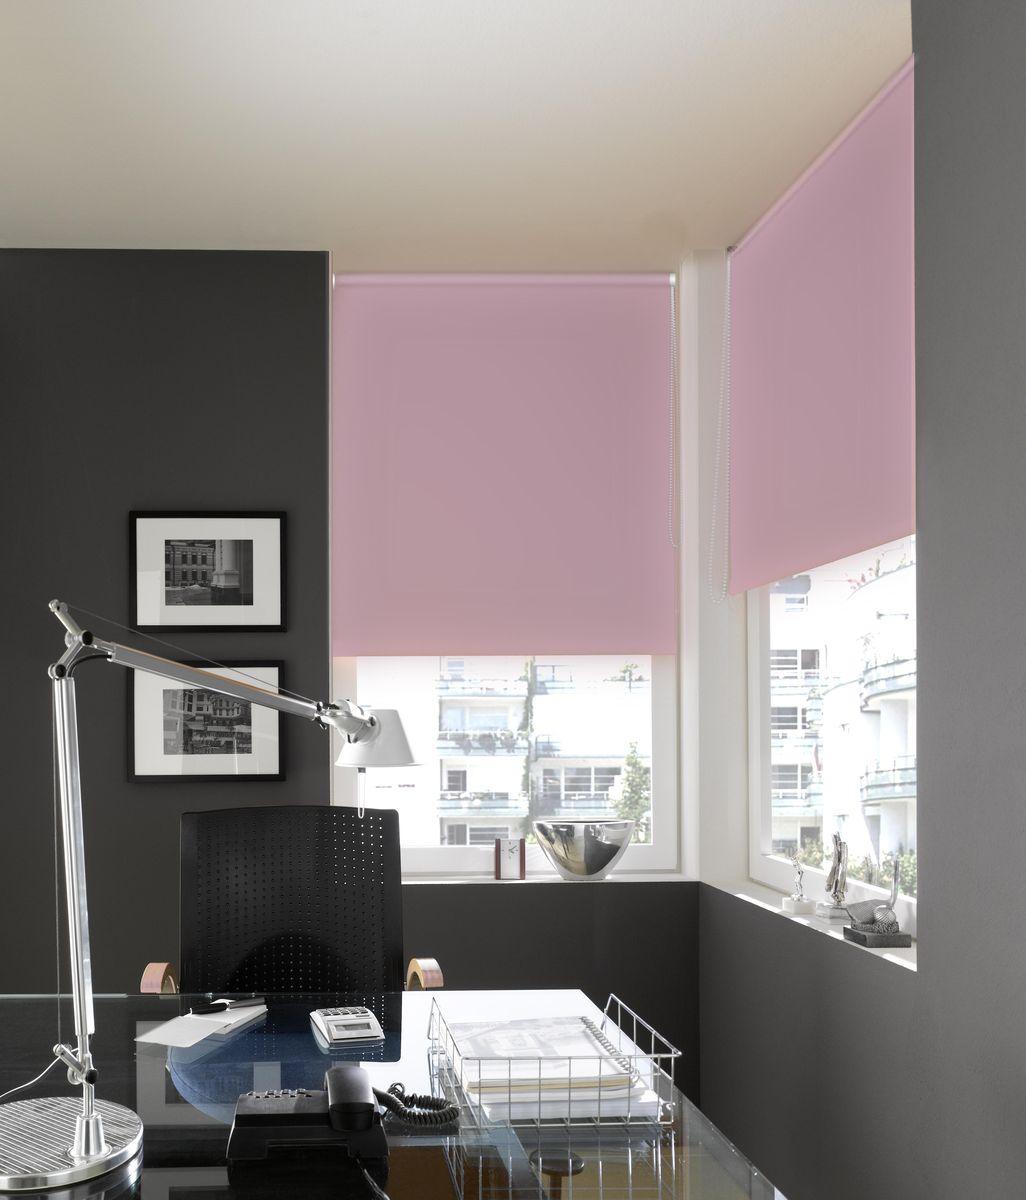 Штора рулонная Эскар Миниролло. Blackout, светонепроницаемая, цвет: розовый кварц, ширина 57 см, высота 170 см84021120170Рулонными шторами Эскар Миниролло. Blackout можно оформлять окна как самостоятельно, так и использовать в комбинации с портьерами. Это поможет предотвратить выгорание дорогой ткани на солнце и соединит функционал рулонных с красотой навесных. Преимущества применения рулонных штор для пластиковых окон: - имеют прекрасный внешний вид: многообразие и фактурность материала изделия отлично смотрятся в любом интерьере;- многофункциональны: есть возможность подобрать шторы способные эффективно защитить комнату от солнца, при этом она не будет слишком темной. - Есть возможность осуществить быстрый монтаж.ВНИМАНИЕ! Размеры ширины изделия указаны по ширине ткани! Во время эксплуатации не рекомендуется полностью разматывать рулон, чтобы не оторвать ткань от намоточного вала. В случае загрязнения поверхности ткани, чистку шторы проводят одним из способов, в зависимости от типа загрязнения:легкое поверхностное загрязнение можно удалить при помощи канцелярского ластика;чистка от пыли производится сухим методом при помощи пылесоса с мягкой щеткой-насадкой;для удаления пятна используйте мягкую губку с пенообразующим неагрессивным моющим средством или пятновыводитель на натуральной основе (нельзя применять растворители).